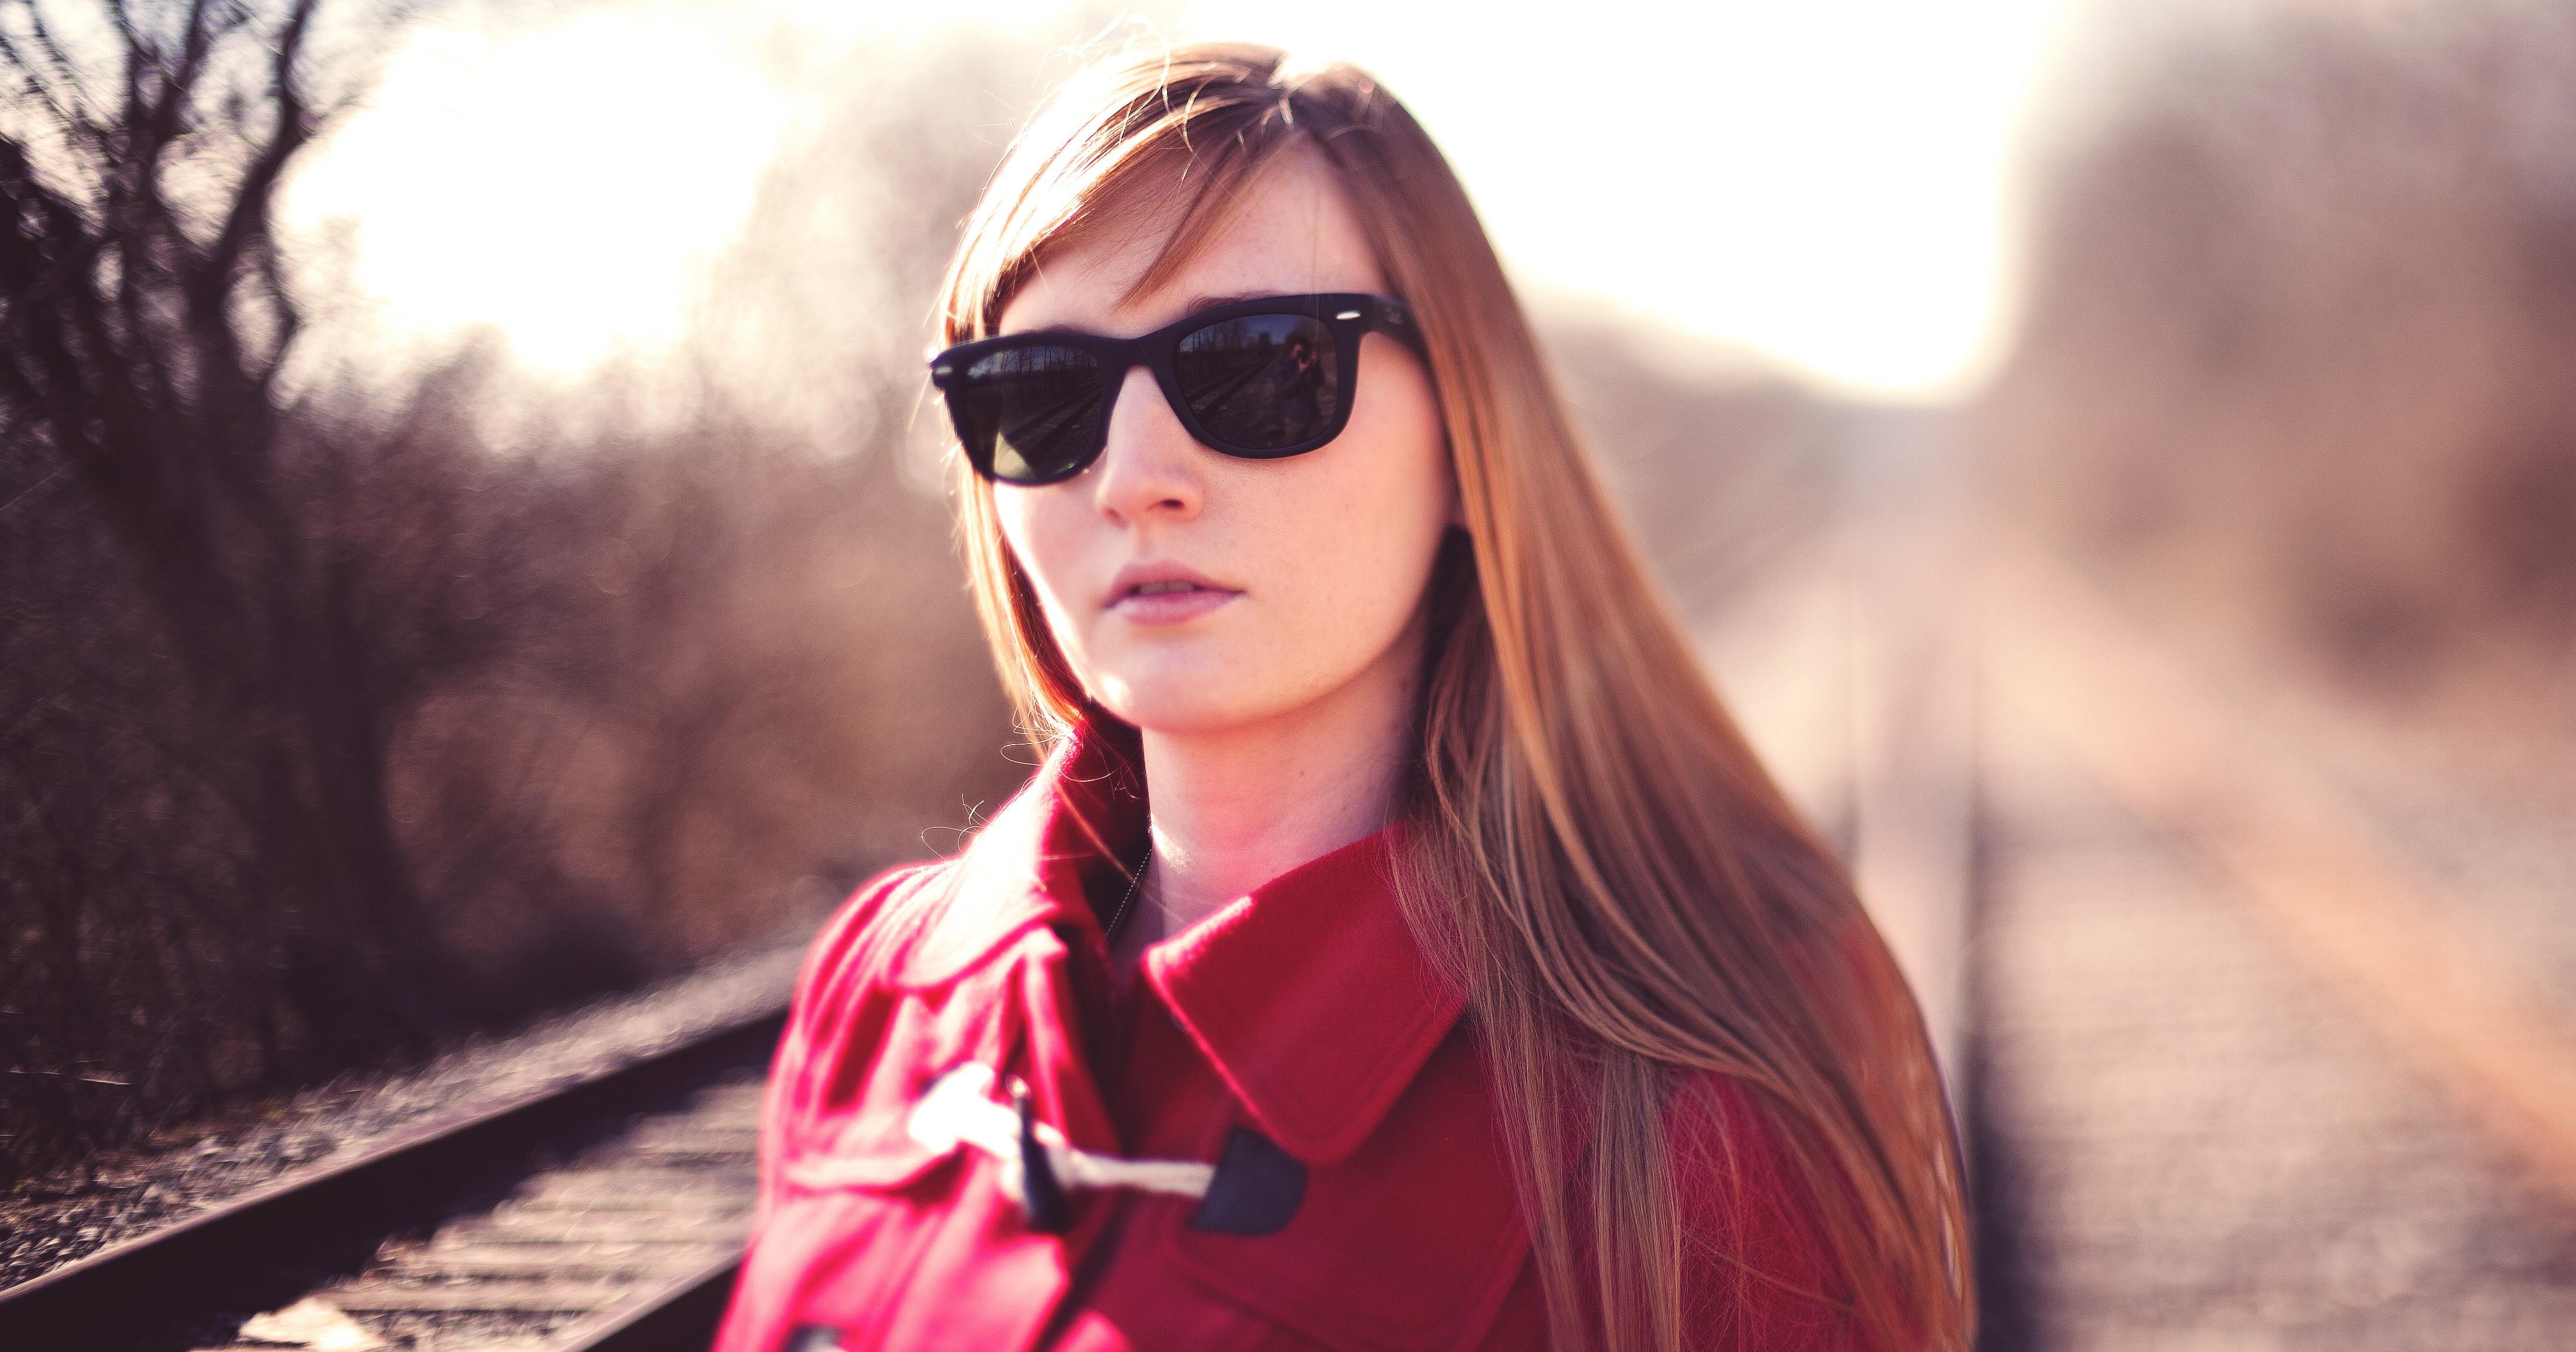 2ea10a5dfe Cómo escoger los lentes de sol según tu tipo de rostro | Mujer | BioBioChile